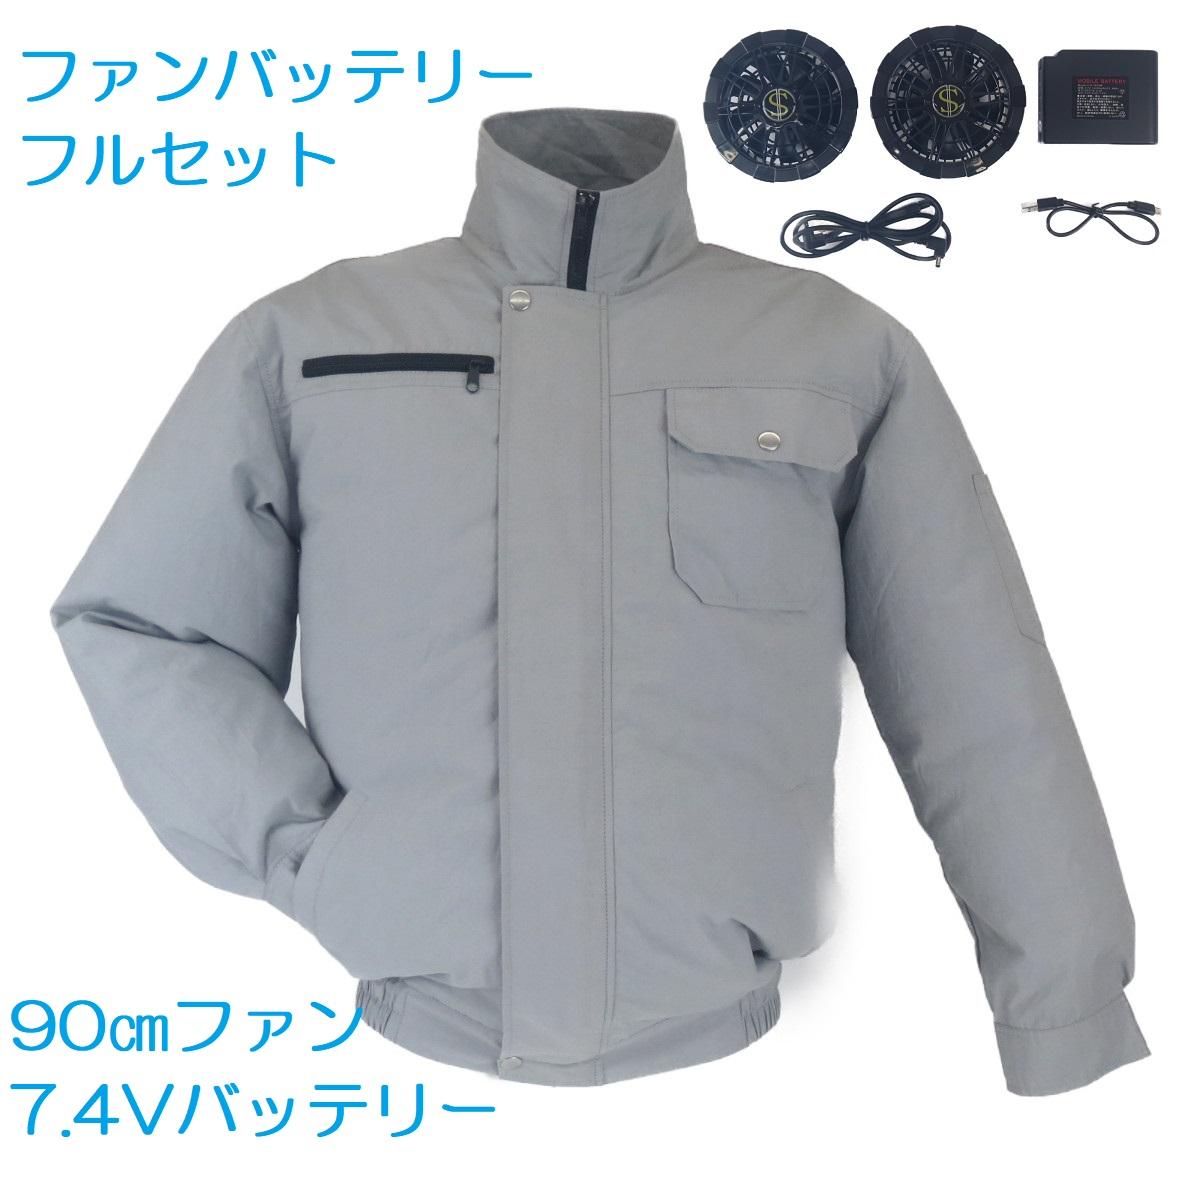 空調服 セット 長袖 綿100% ジャケットファン 7.4Vバッテリー フルセット 作業服 熱中症対策